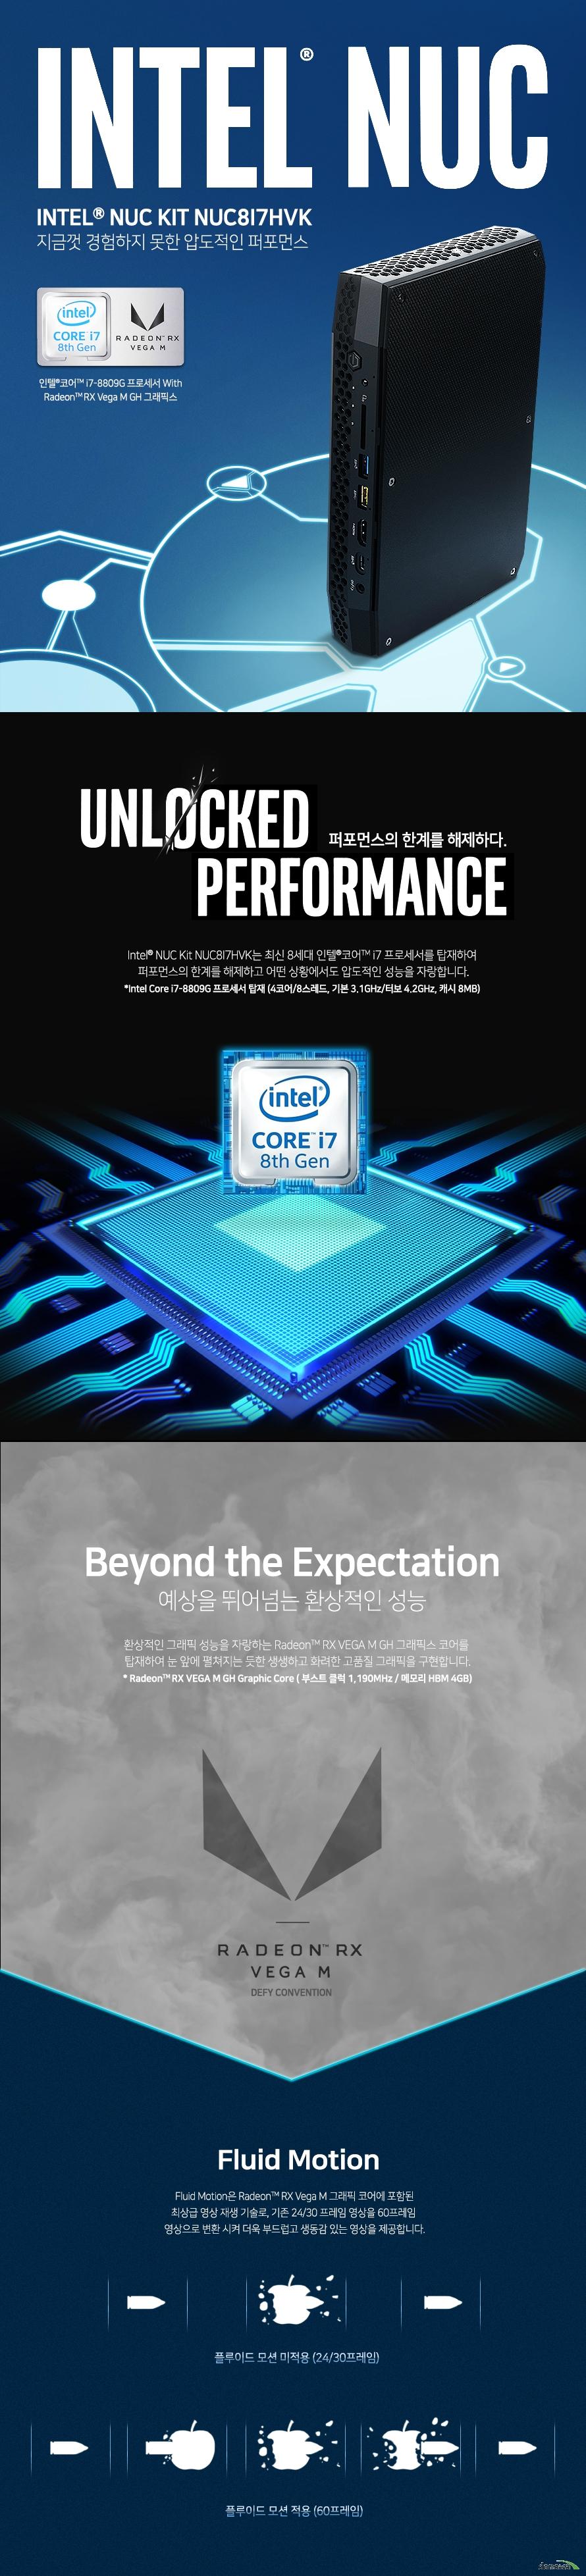 인텔 NUC Kits NUC8I7HVK (베어본)  모델명 인텔 NUC Kits NUC8I7HVK   제품크기  길이 221밀리미터 넓이 142밀리미터 높이 39밀리미터  프로세서 인텔 코어 I7 8809G 프로세서  메모리 듀얼채널 DDR4 SO DIMM 소켓 최대 32GB 2400메가헤르츠 지원  그래픽 라데온 RX VEGA M GH 그래픽스, 최대 6대 모니터 연결 가능  저장장치 인텔 기가비트 랜 포트 2개 인텔 듀얼밴드 wireless ac 8265 802.11ac 2x2 블루투스 4.2지원  오디오 3.5밀리미터 전면 헤드셋 잭 및 후면 스테레오 헤드폰 toslink 콤보 잭 지원 kc인증번호 r rmm cpu nuc8hv